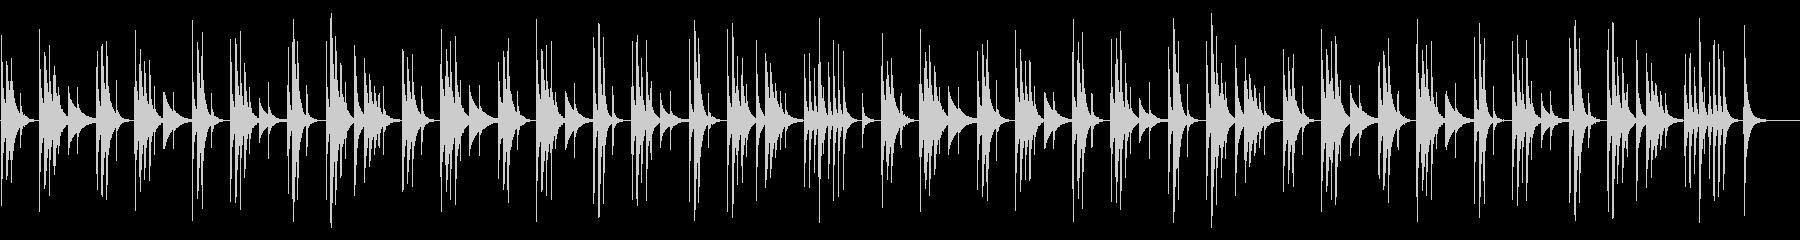 コミカルでネガティブな木琴の劇伴風の未再生の波形